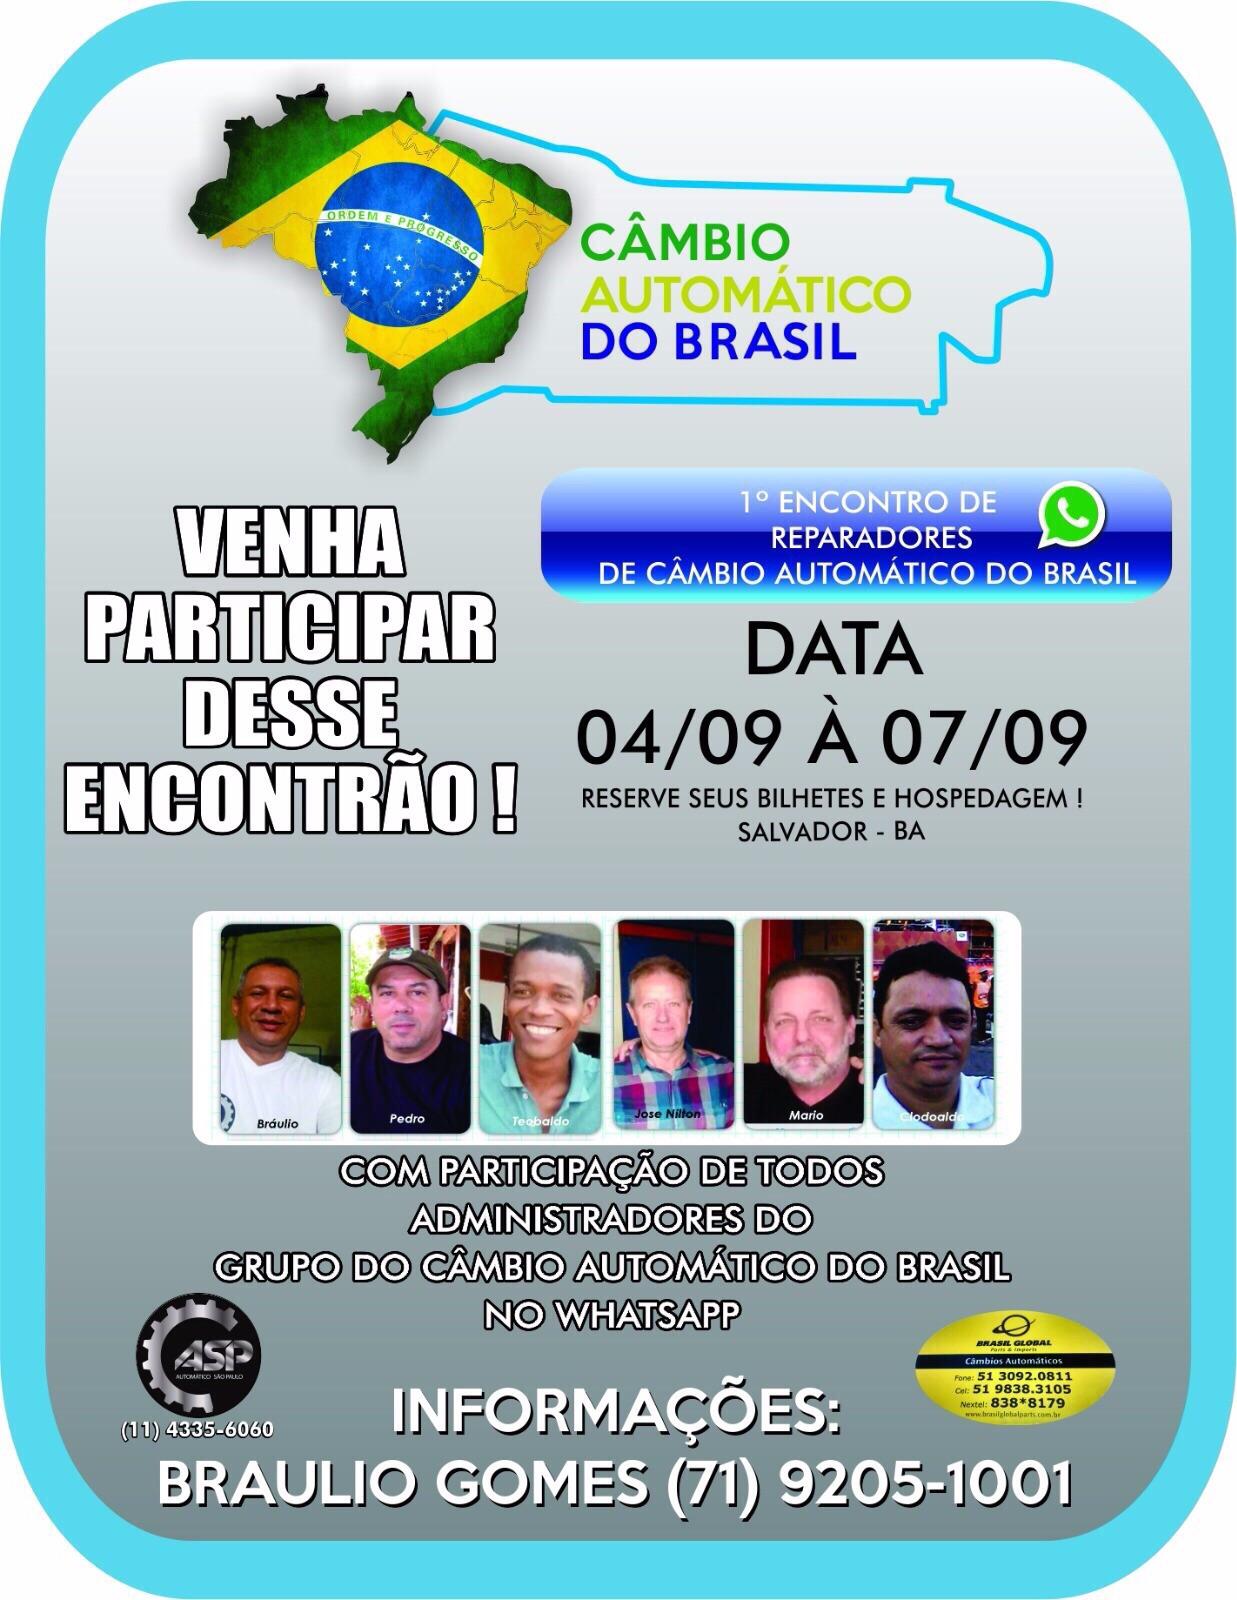 1º ENCONTRO DO CÂMBIO AUTOMÁTICO DO BRASIL EM SALVADOR - BA